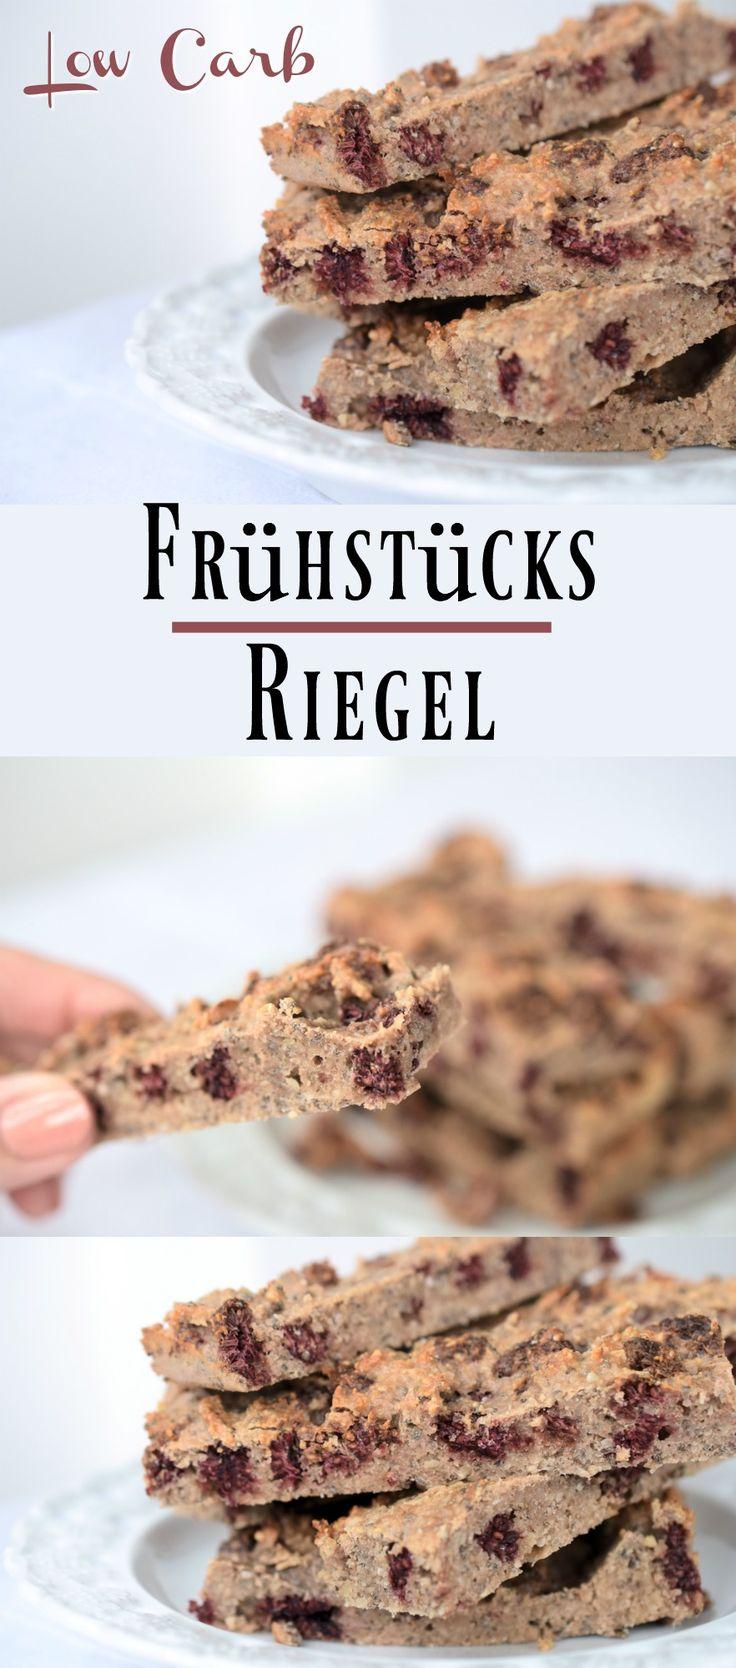 Low Carb Frühstücks-Riegel mit Beeren. Ein toller Genuss ohne Kohlenhydrate, wenn es Morgens einmal schnell gehen muss. So einfach kann gesundes Backen ohne Zucker sein. Mandeln, Beeren, Nussmehl, Proteinpulver